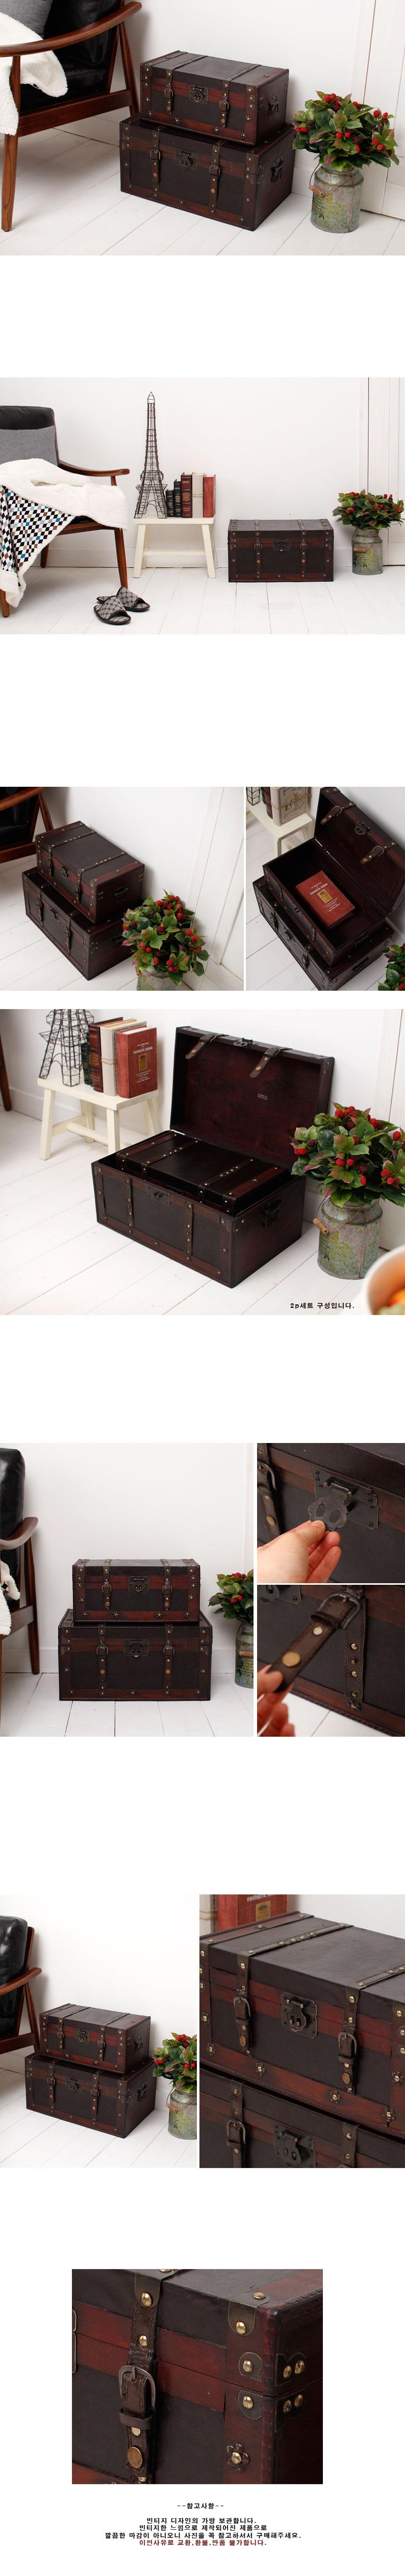 엔틱 가방 보관함 2Pset - 체리하우스, 180,000원, 정리/리빙박스, 소품정리함